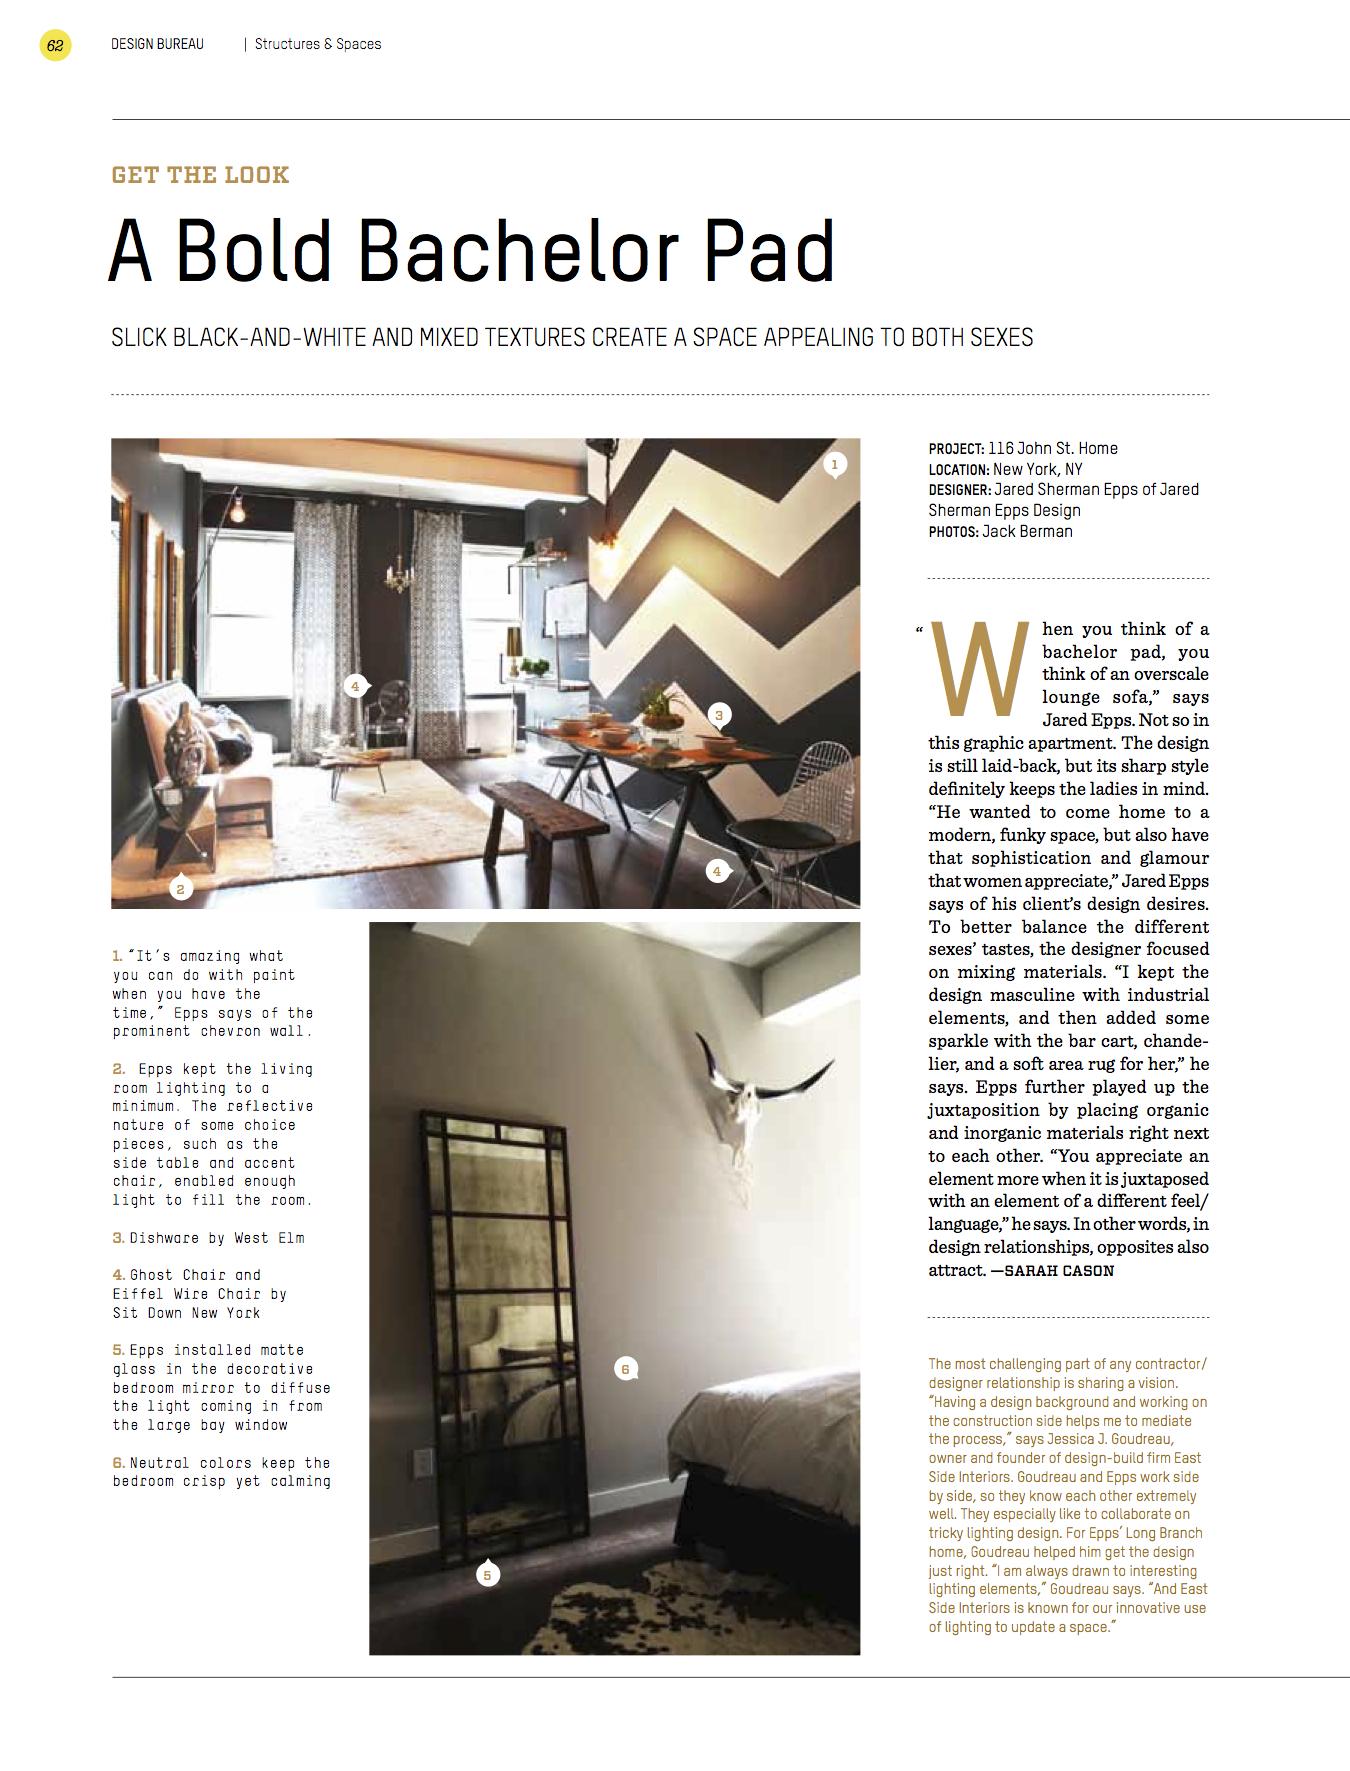 2 Design Bureau Article